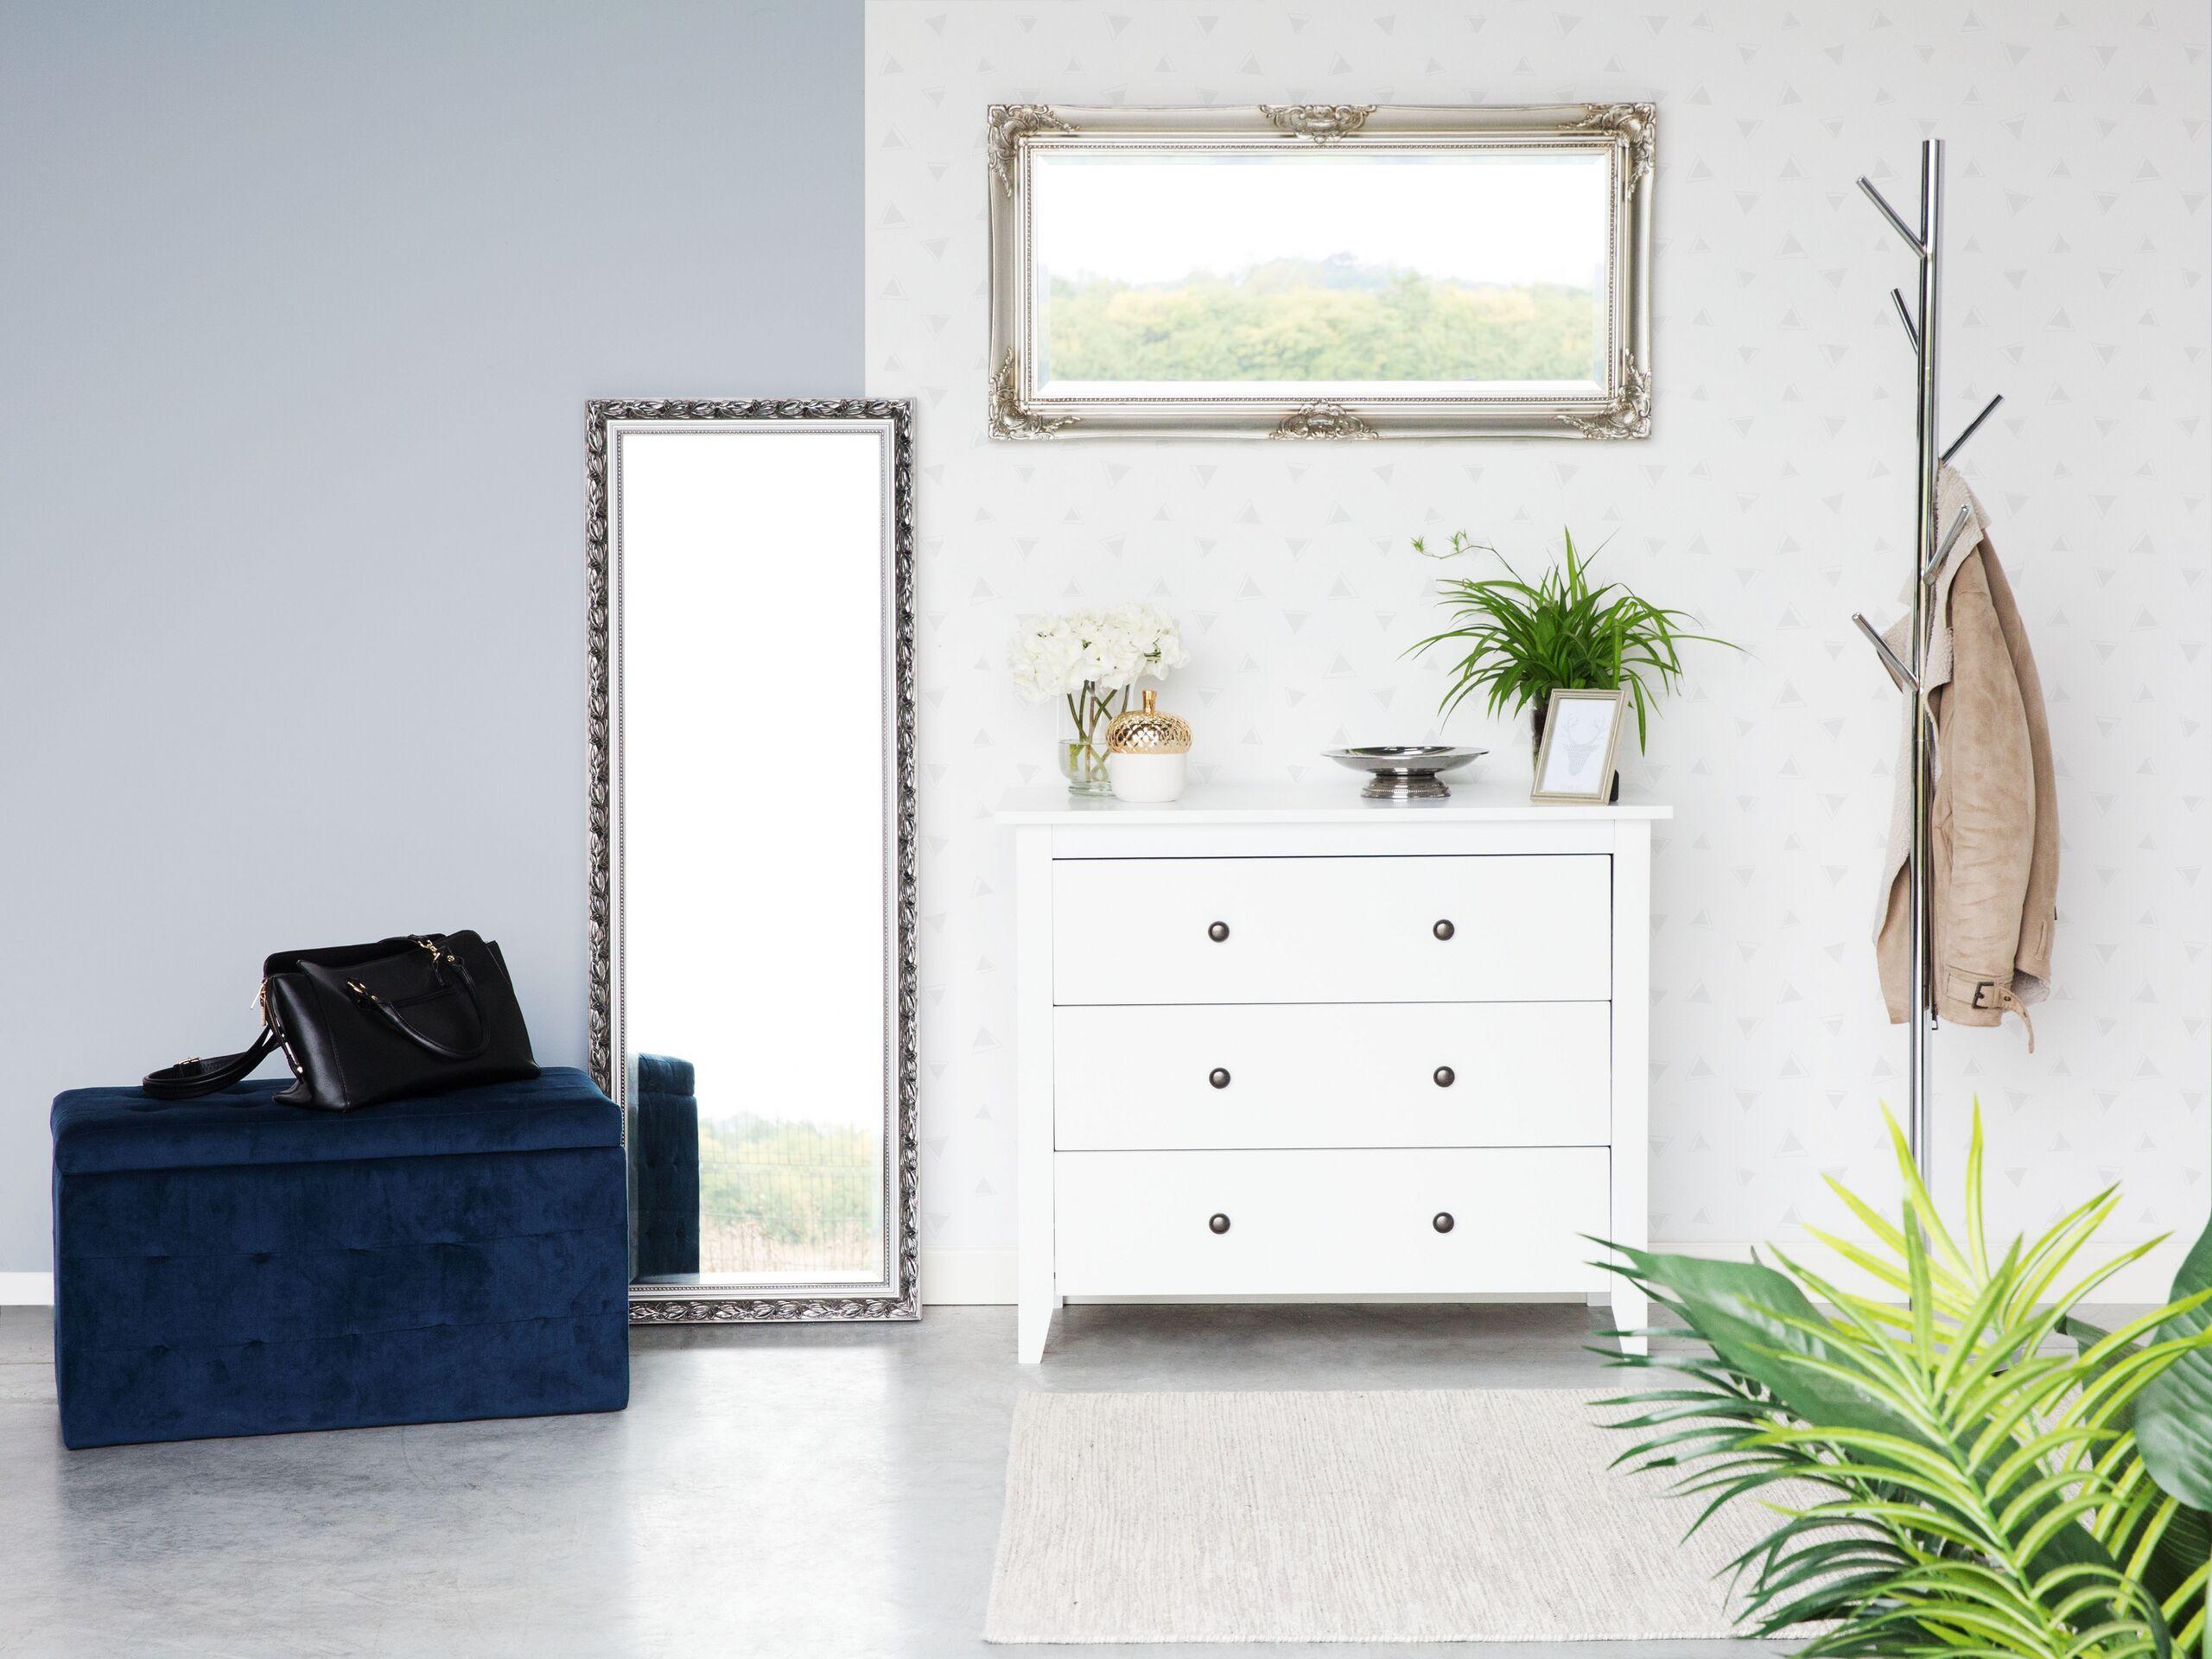 Ta biała, pojemna komoda może być funkcjonalnym uzupełnieniem sypialni, salonu czy biura. Pojemne szuflady pomieszczą wiele rzeczy, a blat nada się, by wyeksponować dekoracje lub sprzęt grający. W korytarzu szafka sprawdzi się idealnie jako miejsce na szaliki, rękawiczki i klucze. Ponadto, delikatnie rustykalny styl komody rozjaśni każde pomieszczenie i wprowadzi w nim ciepłą domową atmosferę. Szuflady posiadają okrągłe, dekoracyjne uchwyty, które kolorem kontrastują z meblem.  Detale: Kolor: Bi